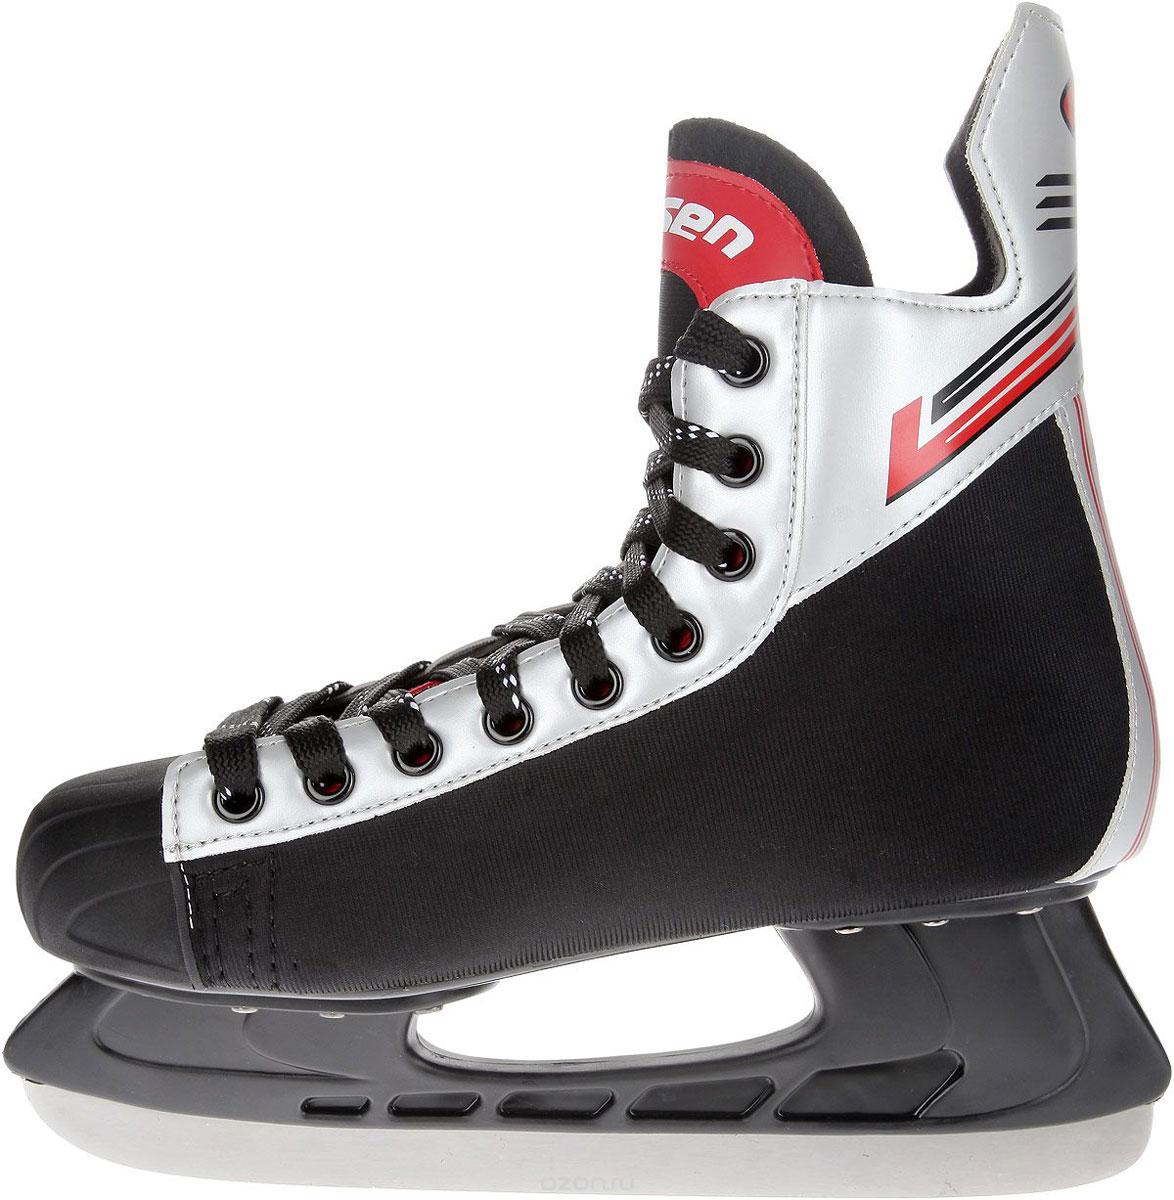 Коньки хоккейные мужские Larsen Alex, цвет: черный, серебристый, красный. Размер 38AlexСтильные коньки Alex от Larsen прекрасно подойдут для начинающих игроков в хоккей. Ботинок выполнен из нейлона и морозоустойчивого поливинилхлорида. Мыс дополнен вставкой из полиуретана, которая защитит ноги от ударов. Внутренний слой изготовлен из мягкого текстиля, который обеспечит тепло и комфорт во время катания, язычок - из войлока. Плотная шнуровка надежно фиксирует модель на ноге. Голеностоп имеет удобный суппорт. Стелька из EVA с текстильной поверхностью обеспечит комфортное катание. Стойка выполнена из ударопрочного полипропилена. Лезвие из нержавеющей стали обеспечит превосходное скольжение. В комплект входят пластиковые чехлы для лезвий.